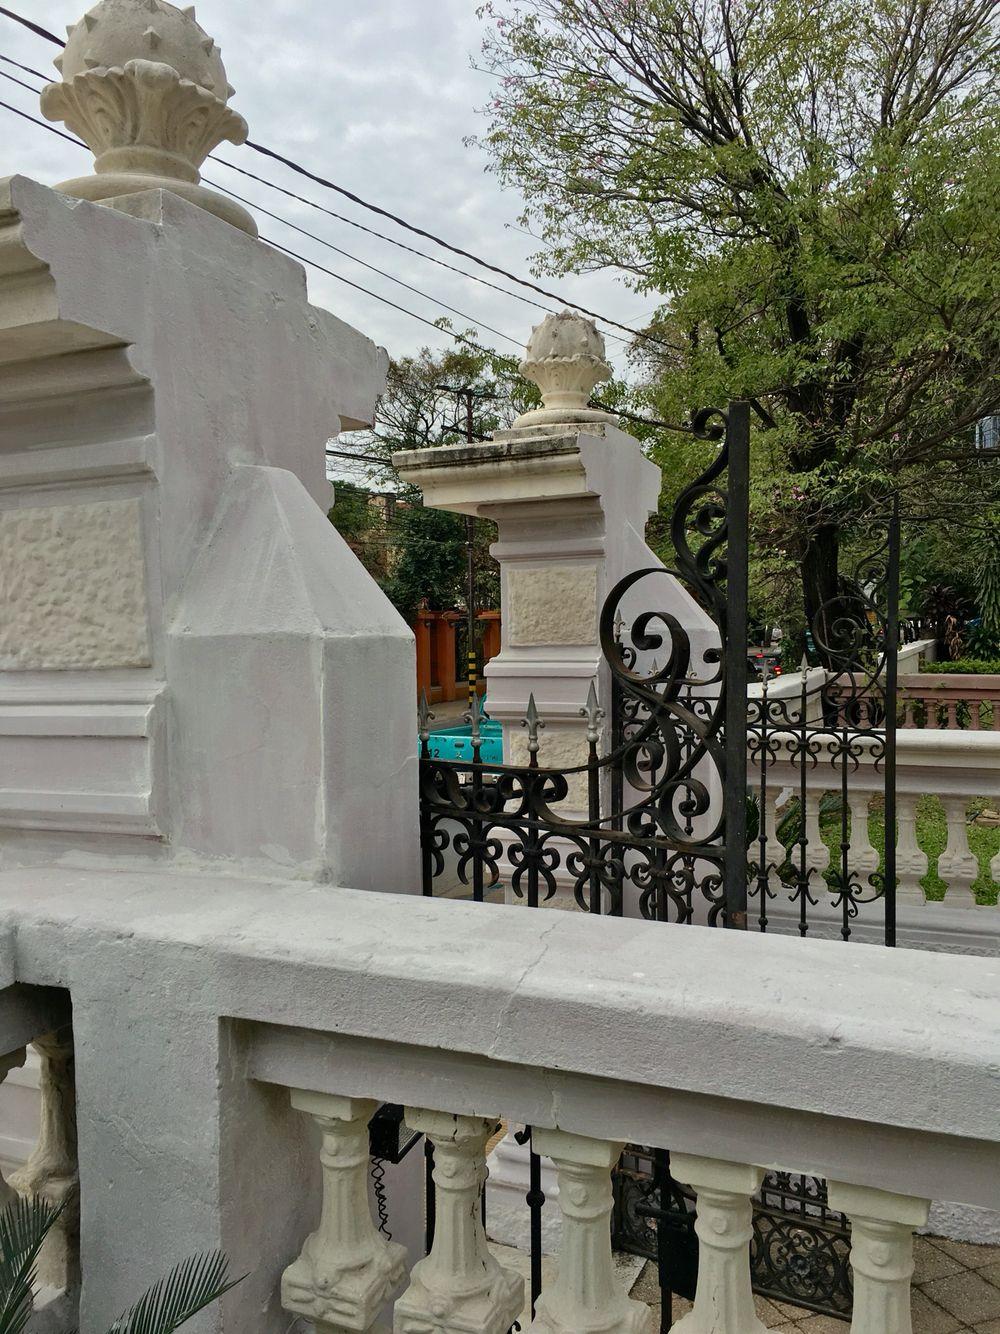 Detalle del portón del Vice rectorado de la UNA. Asunción-Paraguay